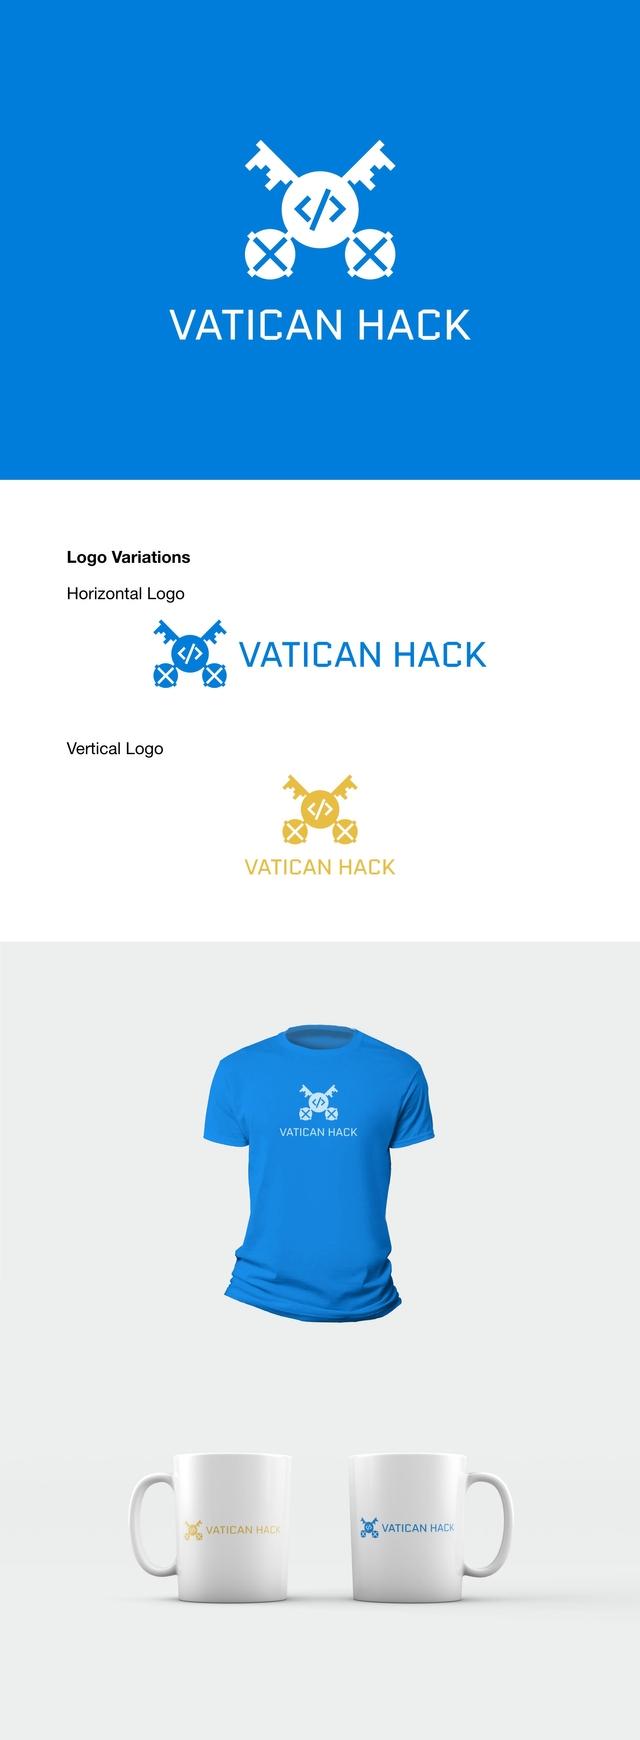 Vatican Hackathon